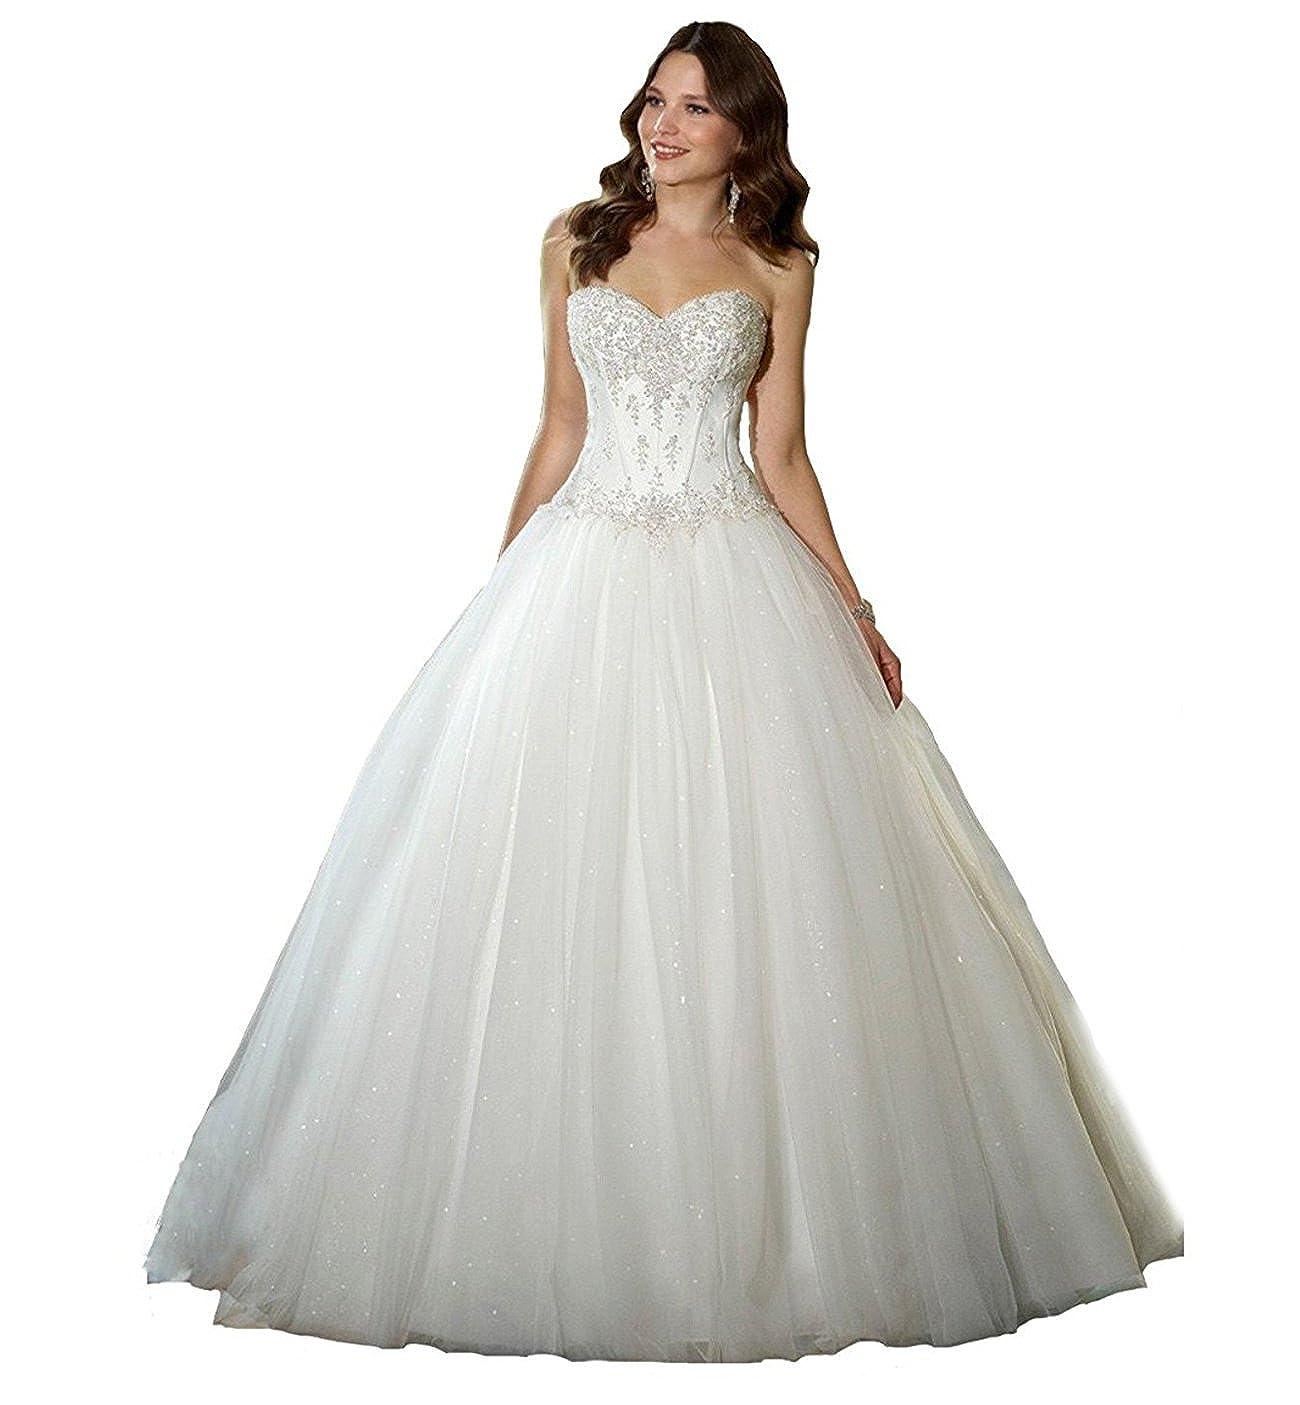 9111e1b67061 Kmformals Women s Vintage Lace Appliques Corset Back Wedding Dress Bride  Gown at Amazon Women s Clothing store